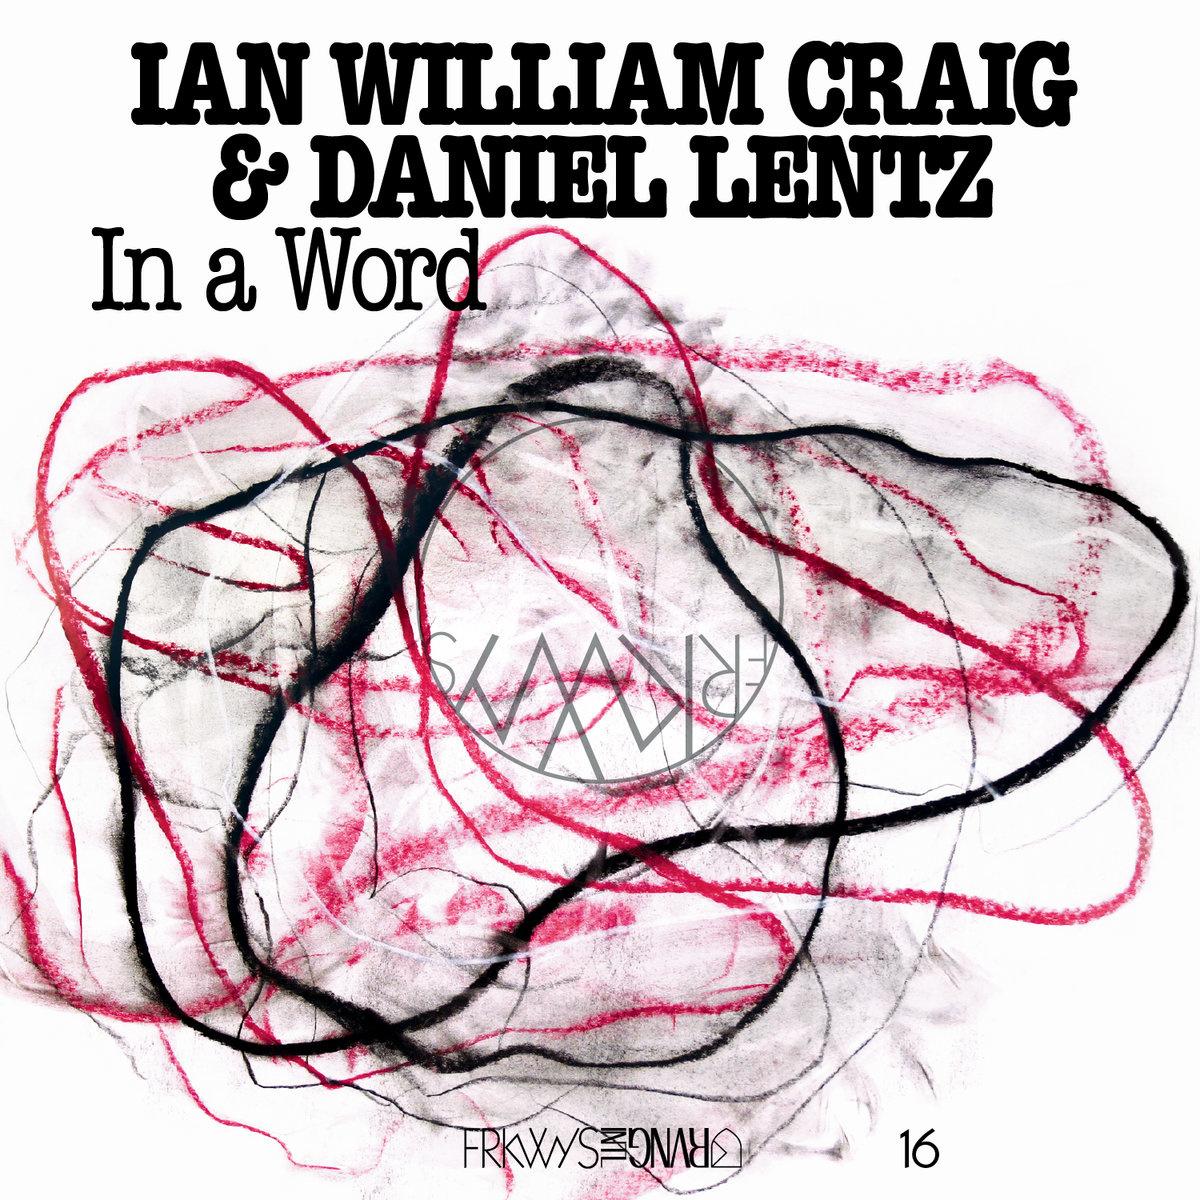 Ian William Craig & Daniel Lentz • FRKWYS Vol. 16 : In a Word-1